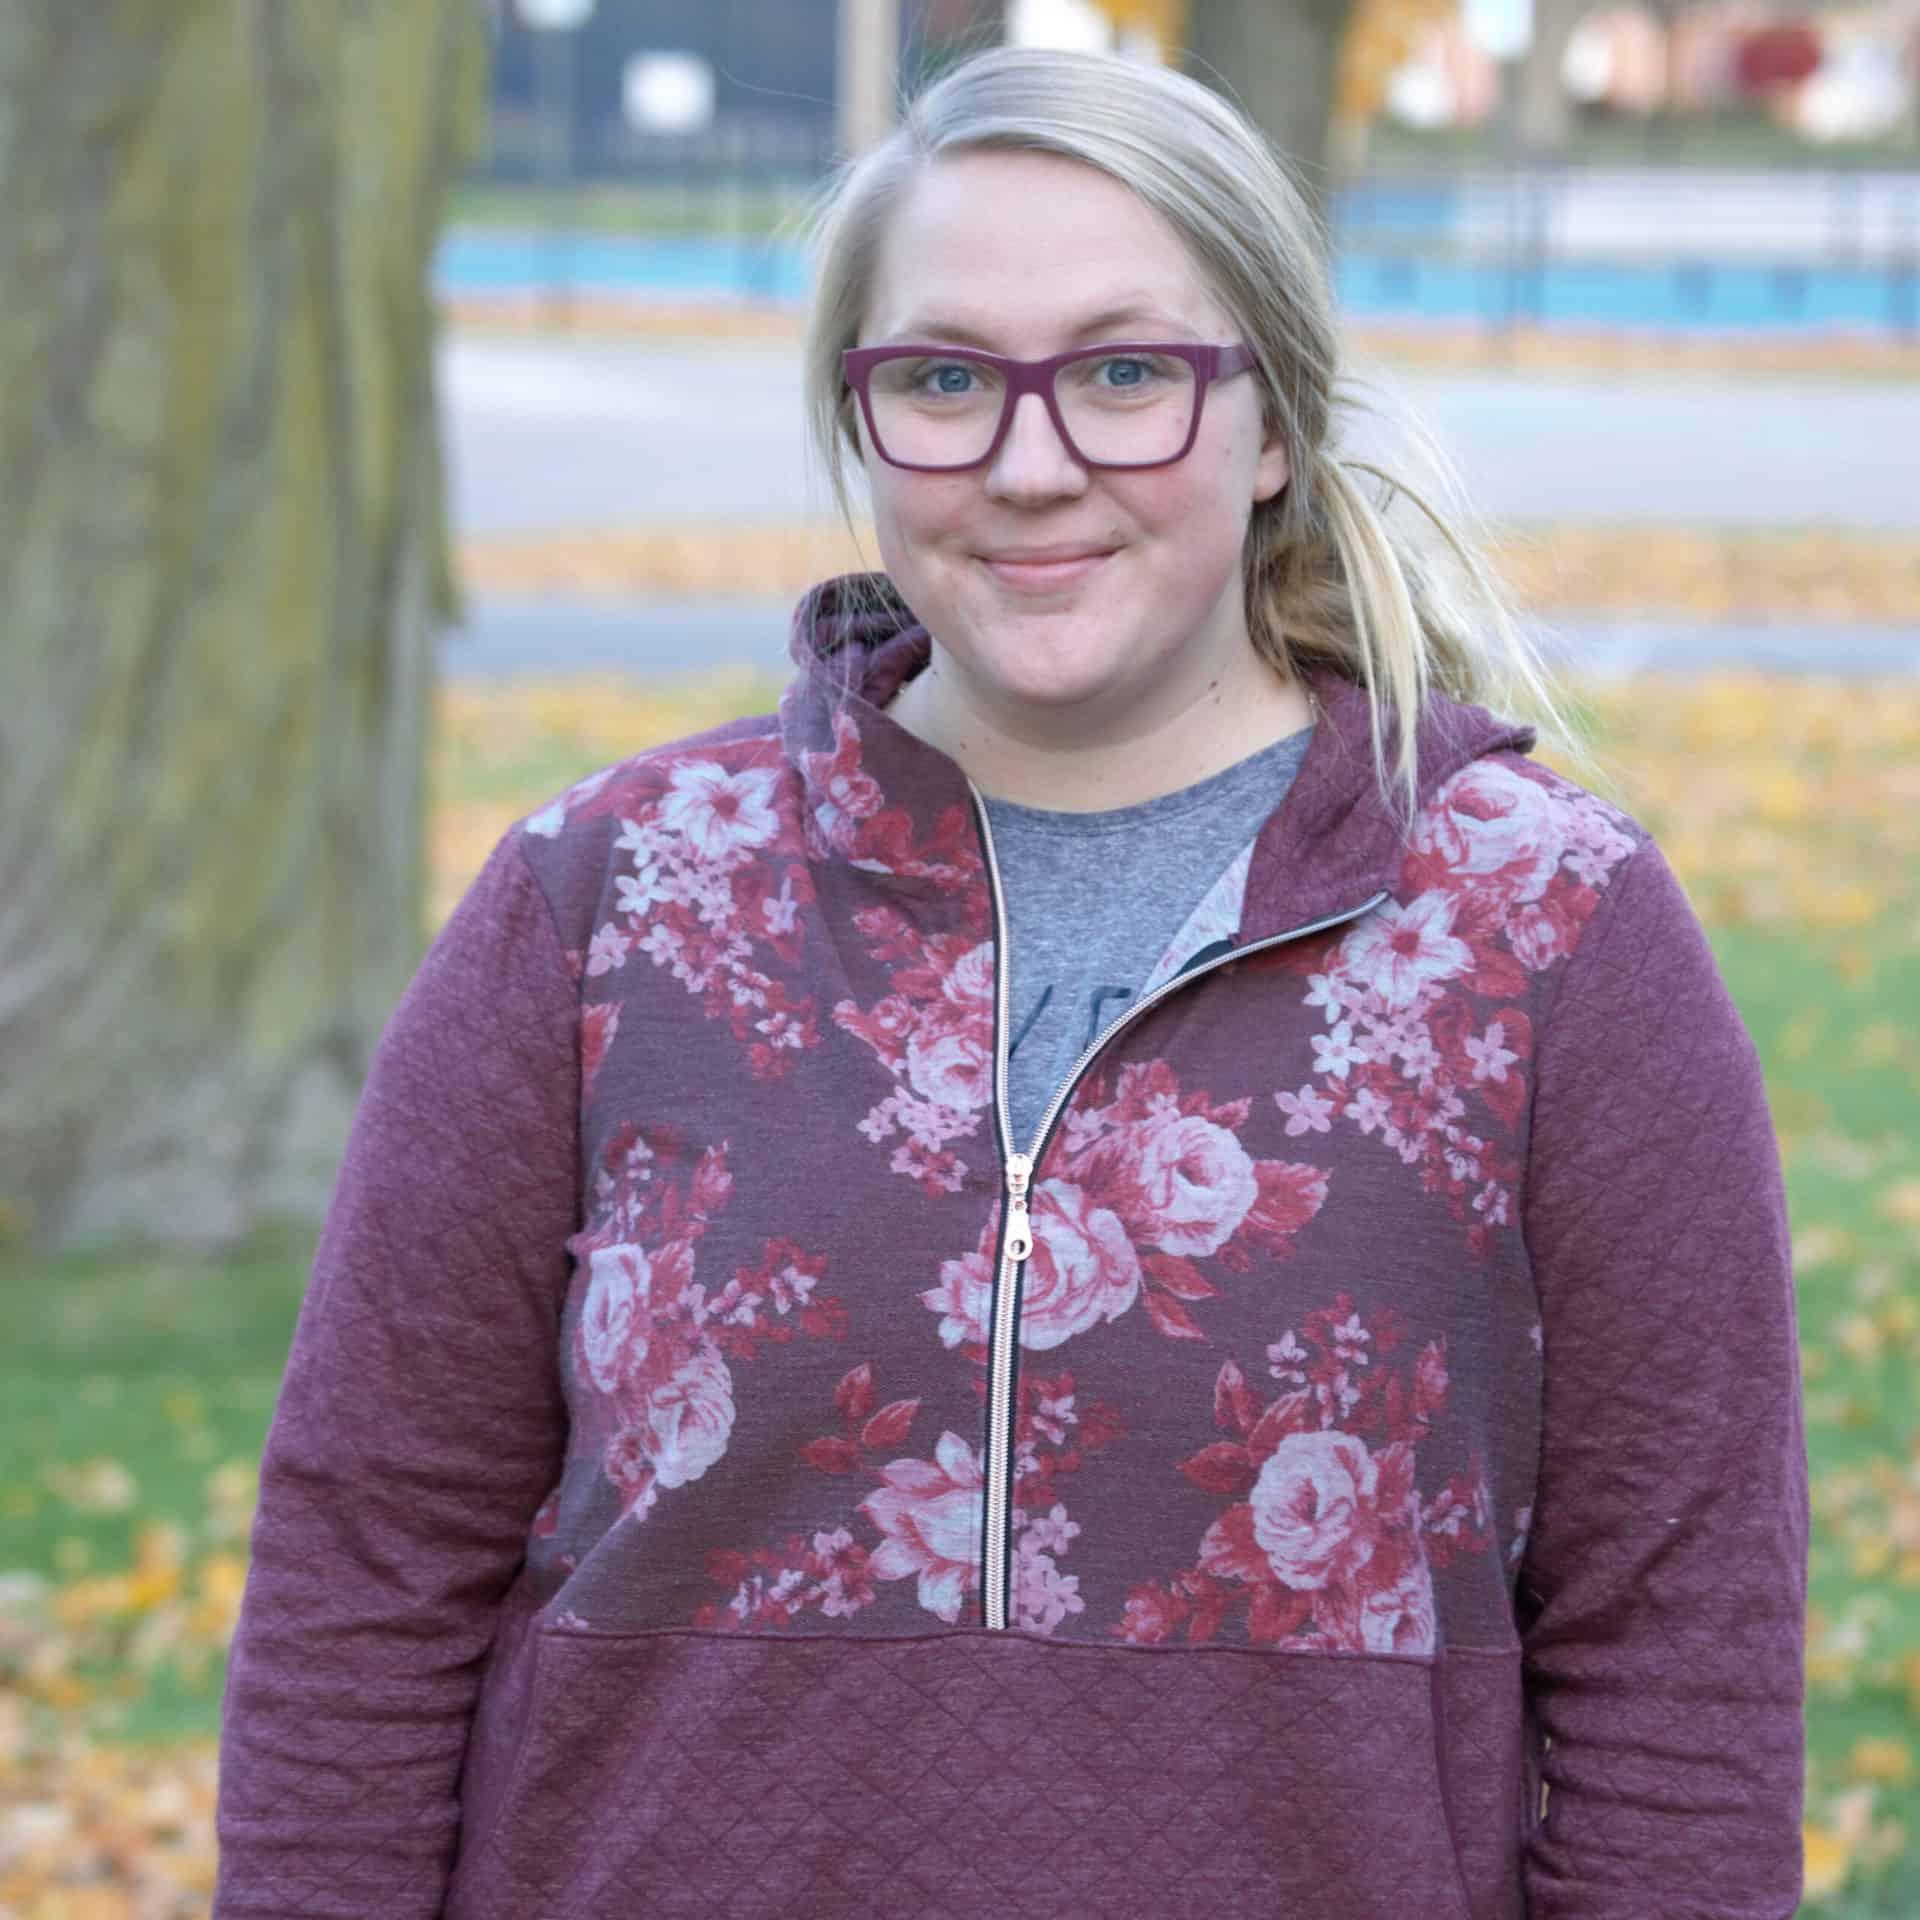 Jessica Higginbotham